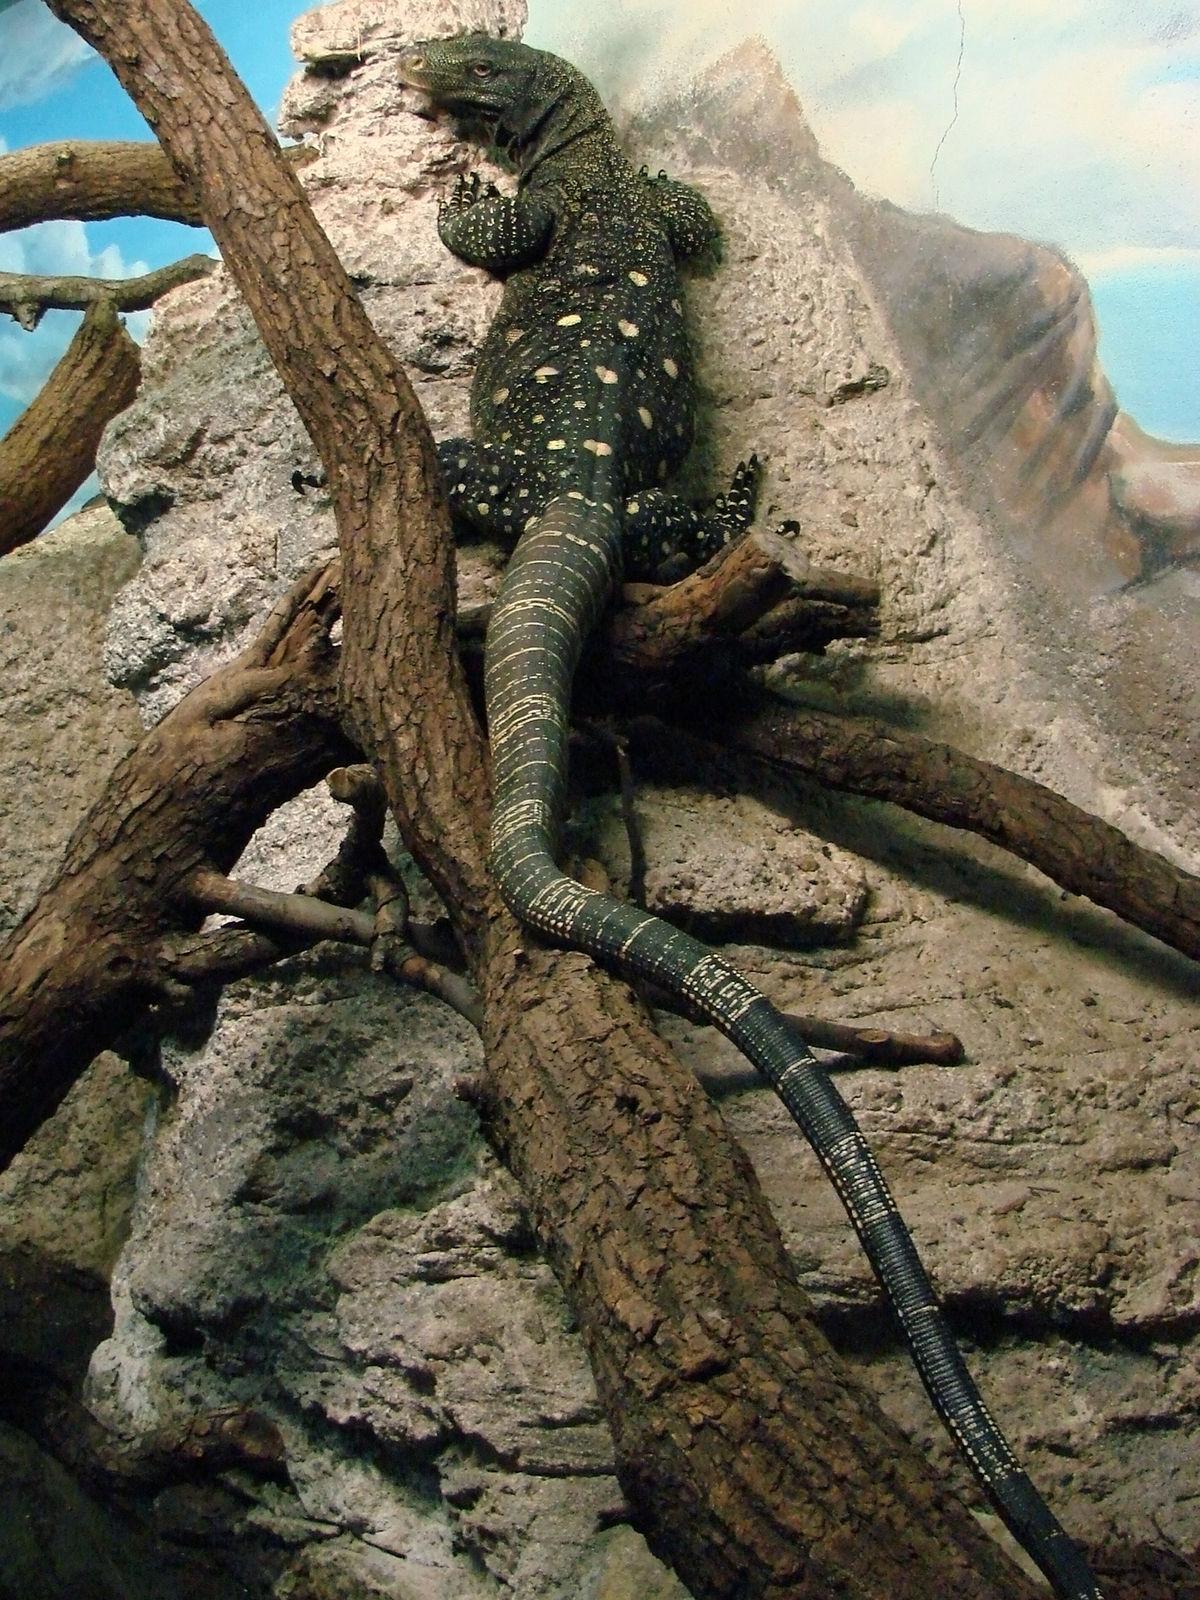 K Dragon Lizard Varanus salvadorii - W...